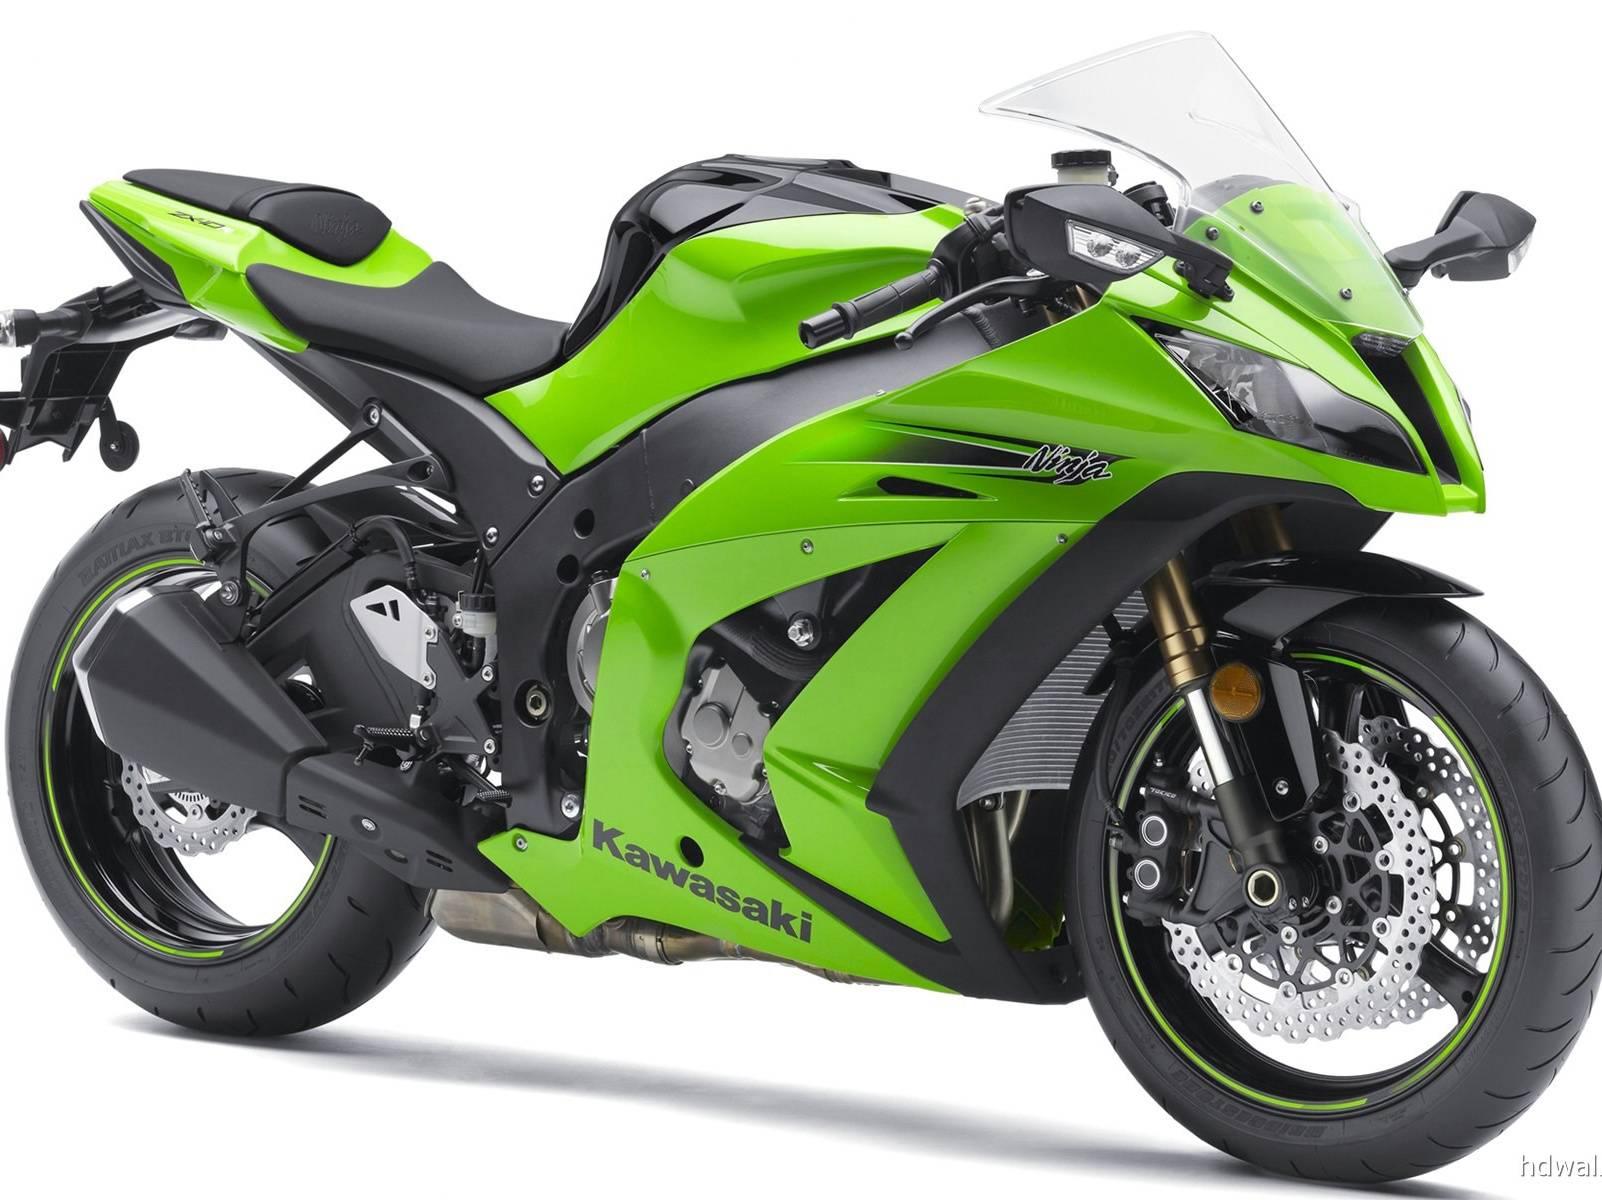 2011 Kawasaki